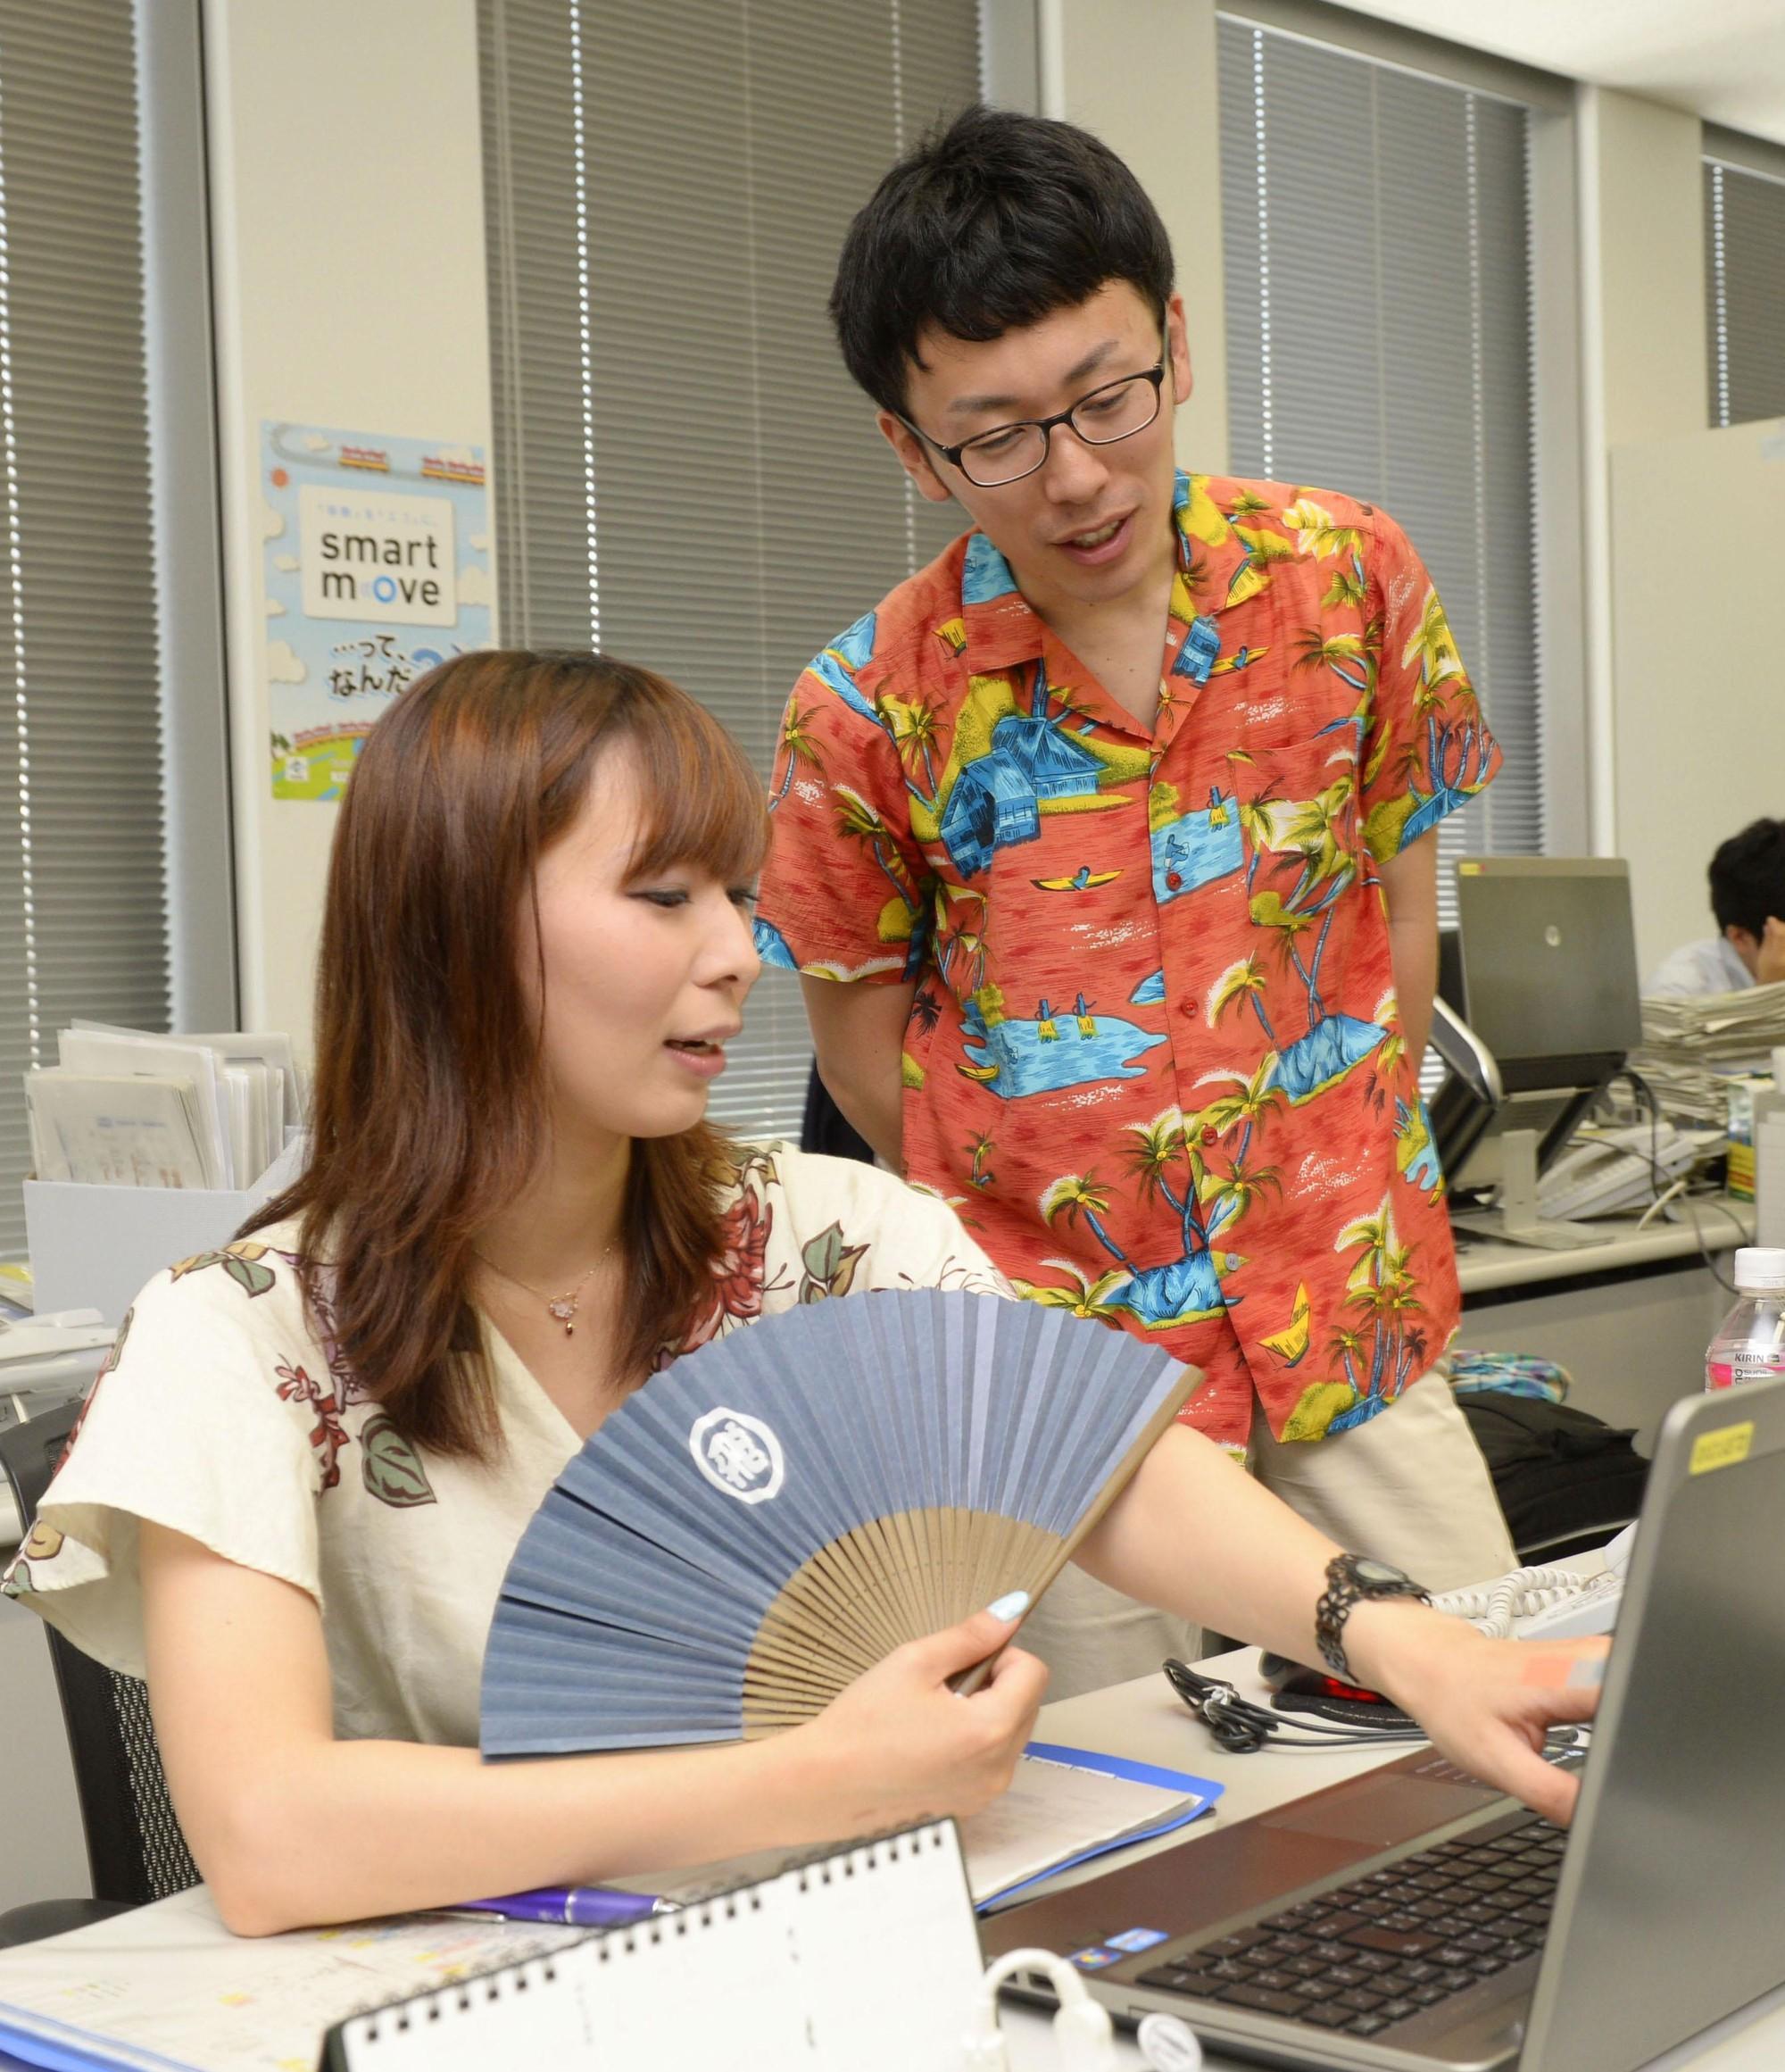 Dân công sở Nhật Bản rủ nhau ăn mặc mát mẻ đi làm, lý do đằng sau khiến cả thế giới nể phục - Ảnh 3.